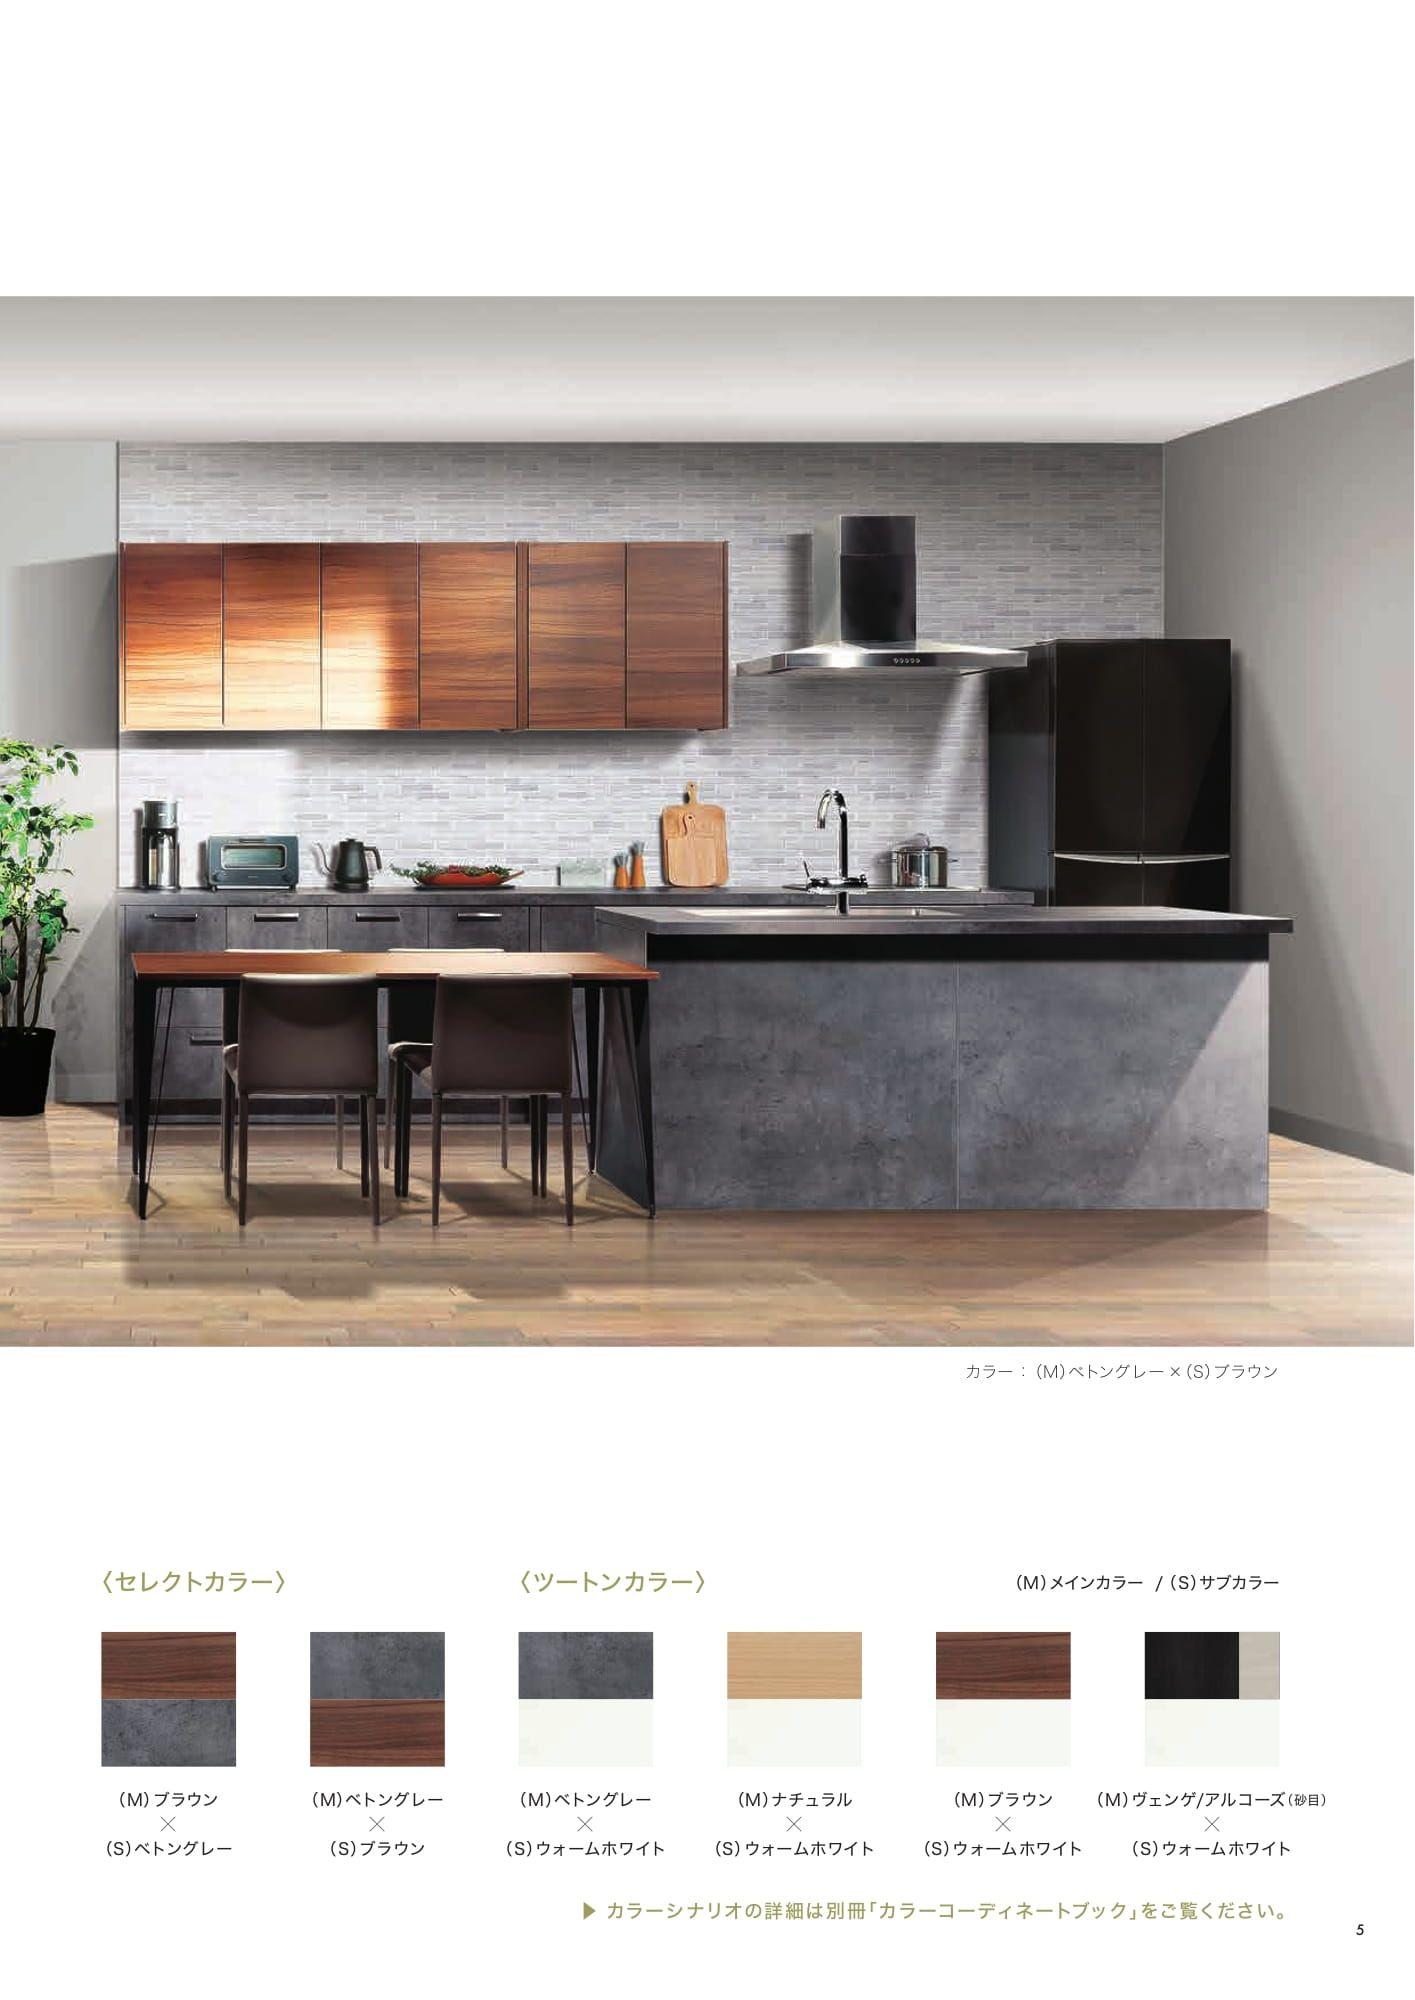 グラフテクト総合カタログ Ebook5 リビング キッチン コンクリートキッチン キッチンデザイン